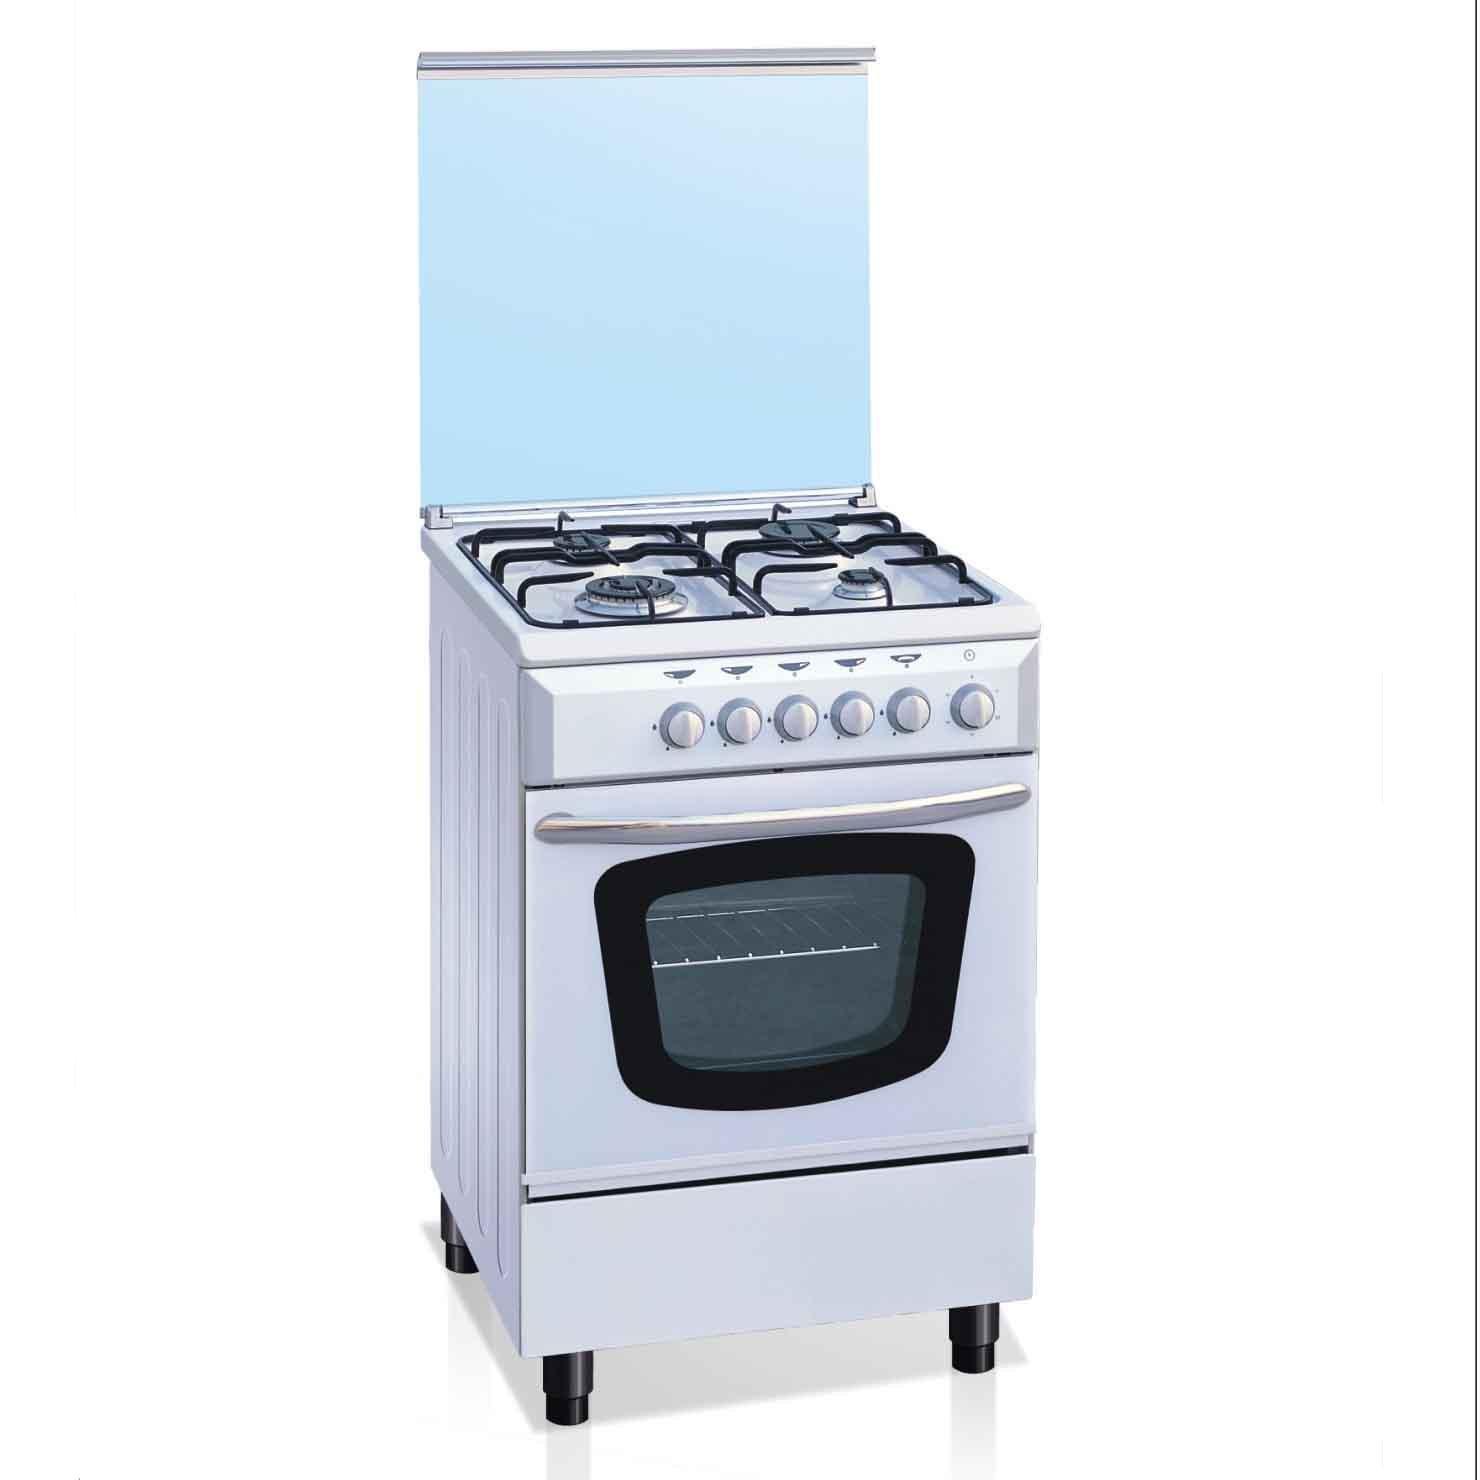 Cocina de gas vitrocer micas identificaci n del producto - Cocinas vitroceramicas de gas ...